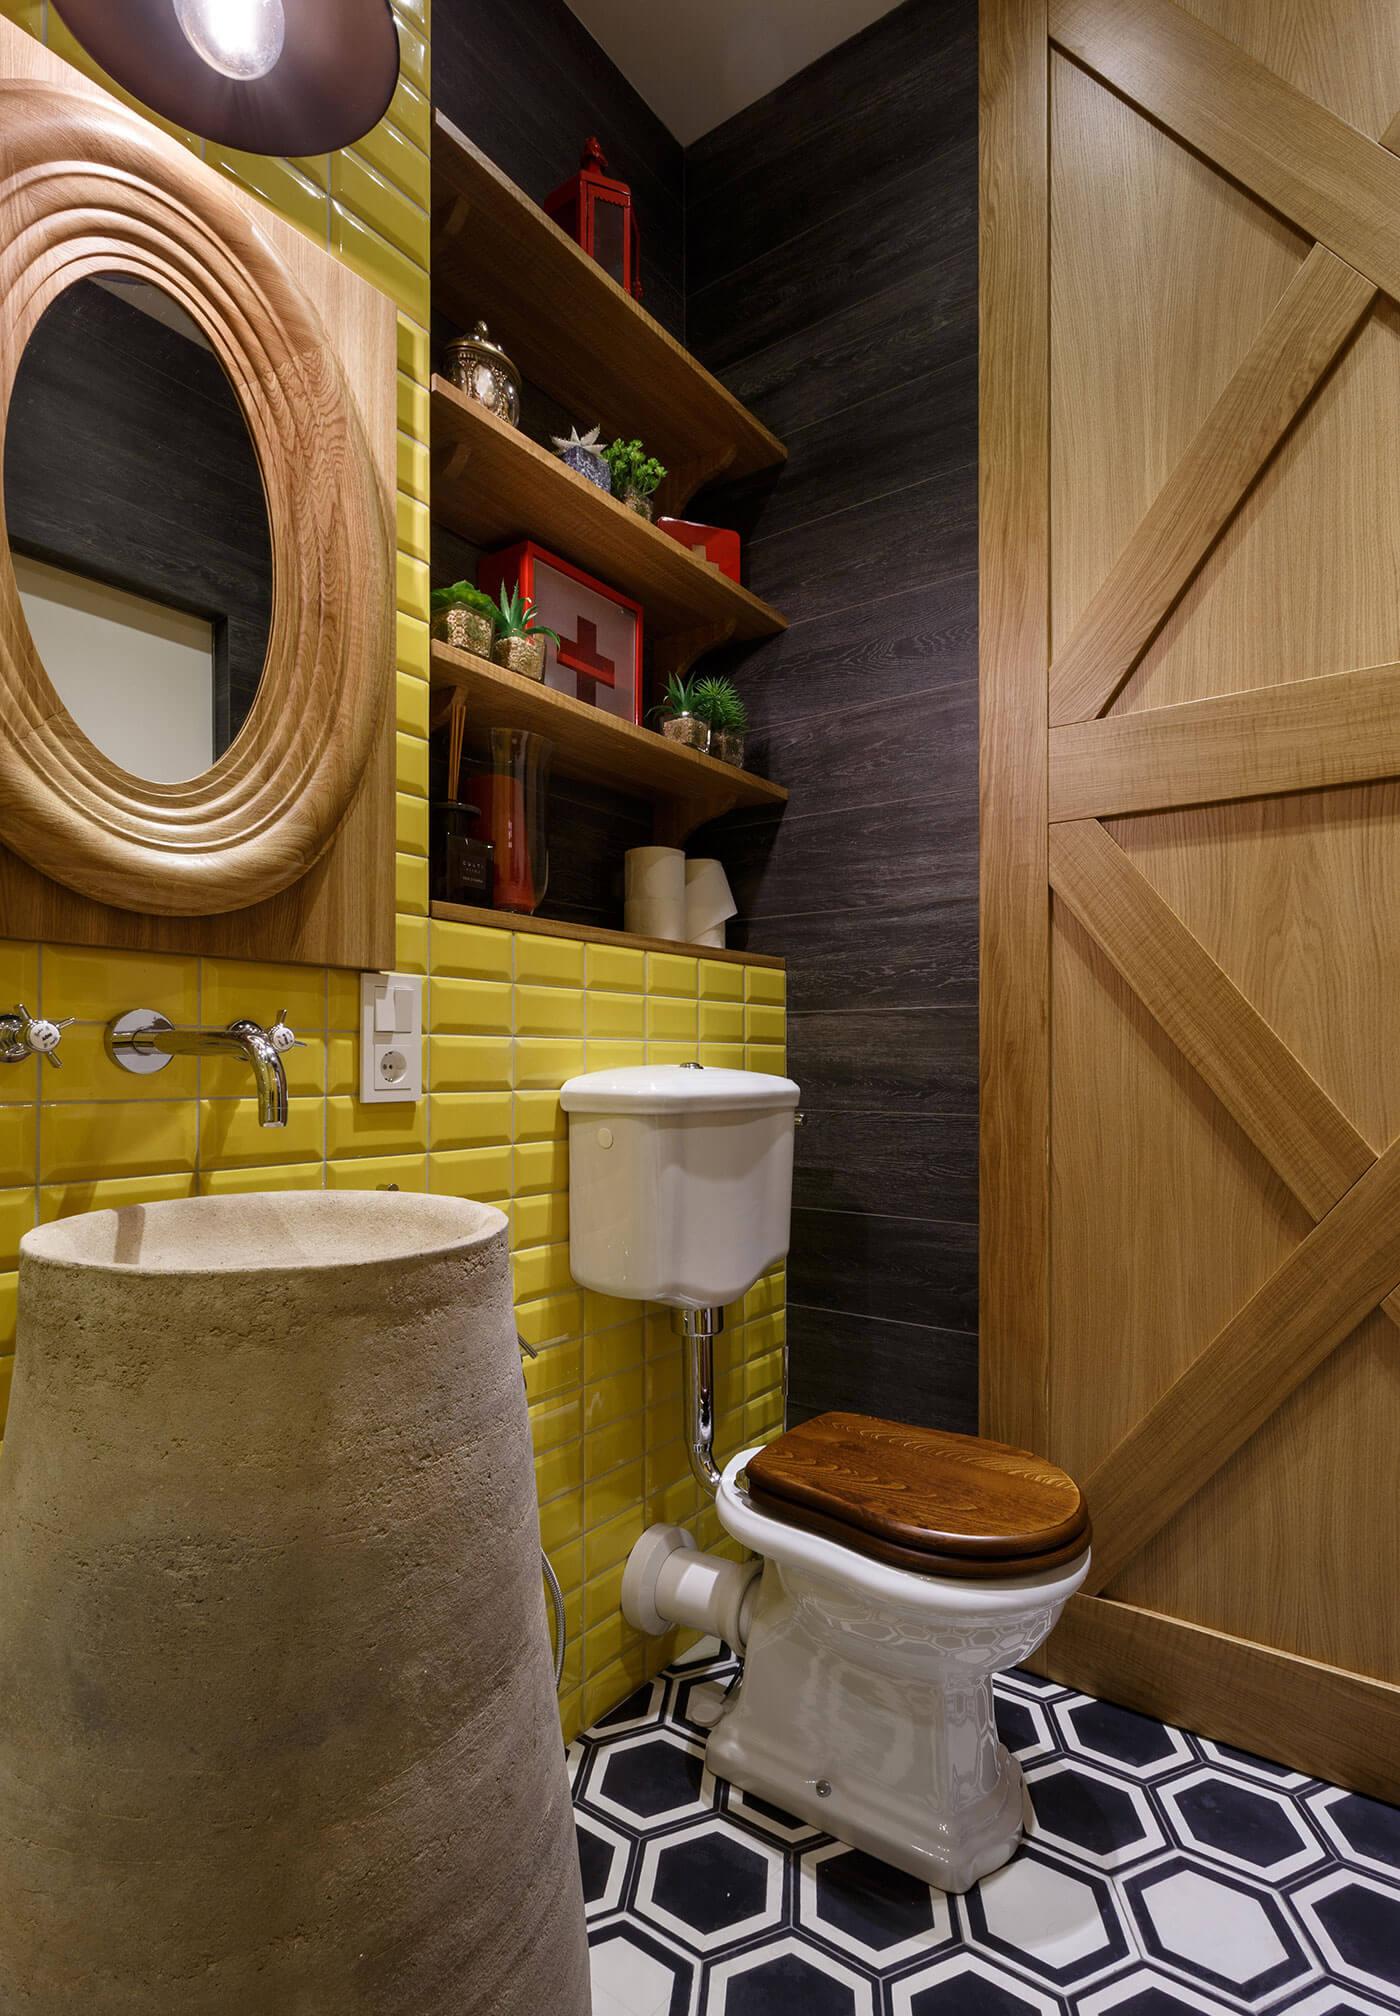 apartament-v-ukraina-s-kreativen-interioren-dizian-8g